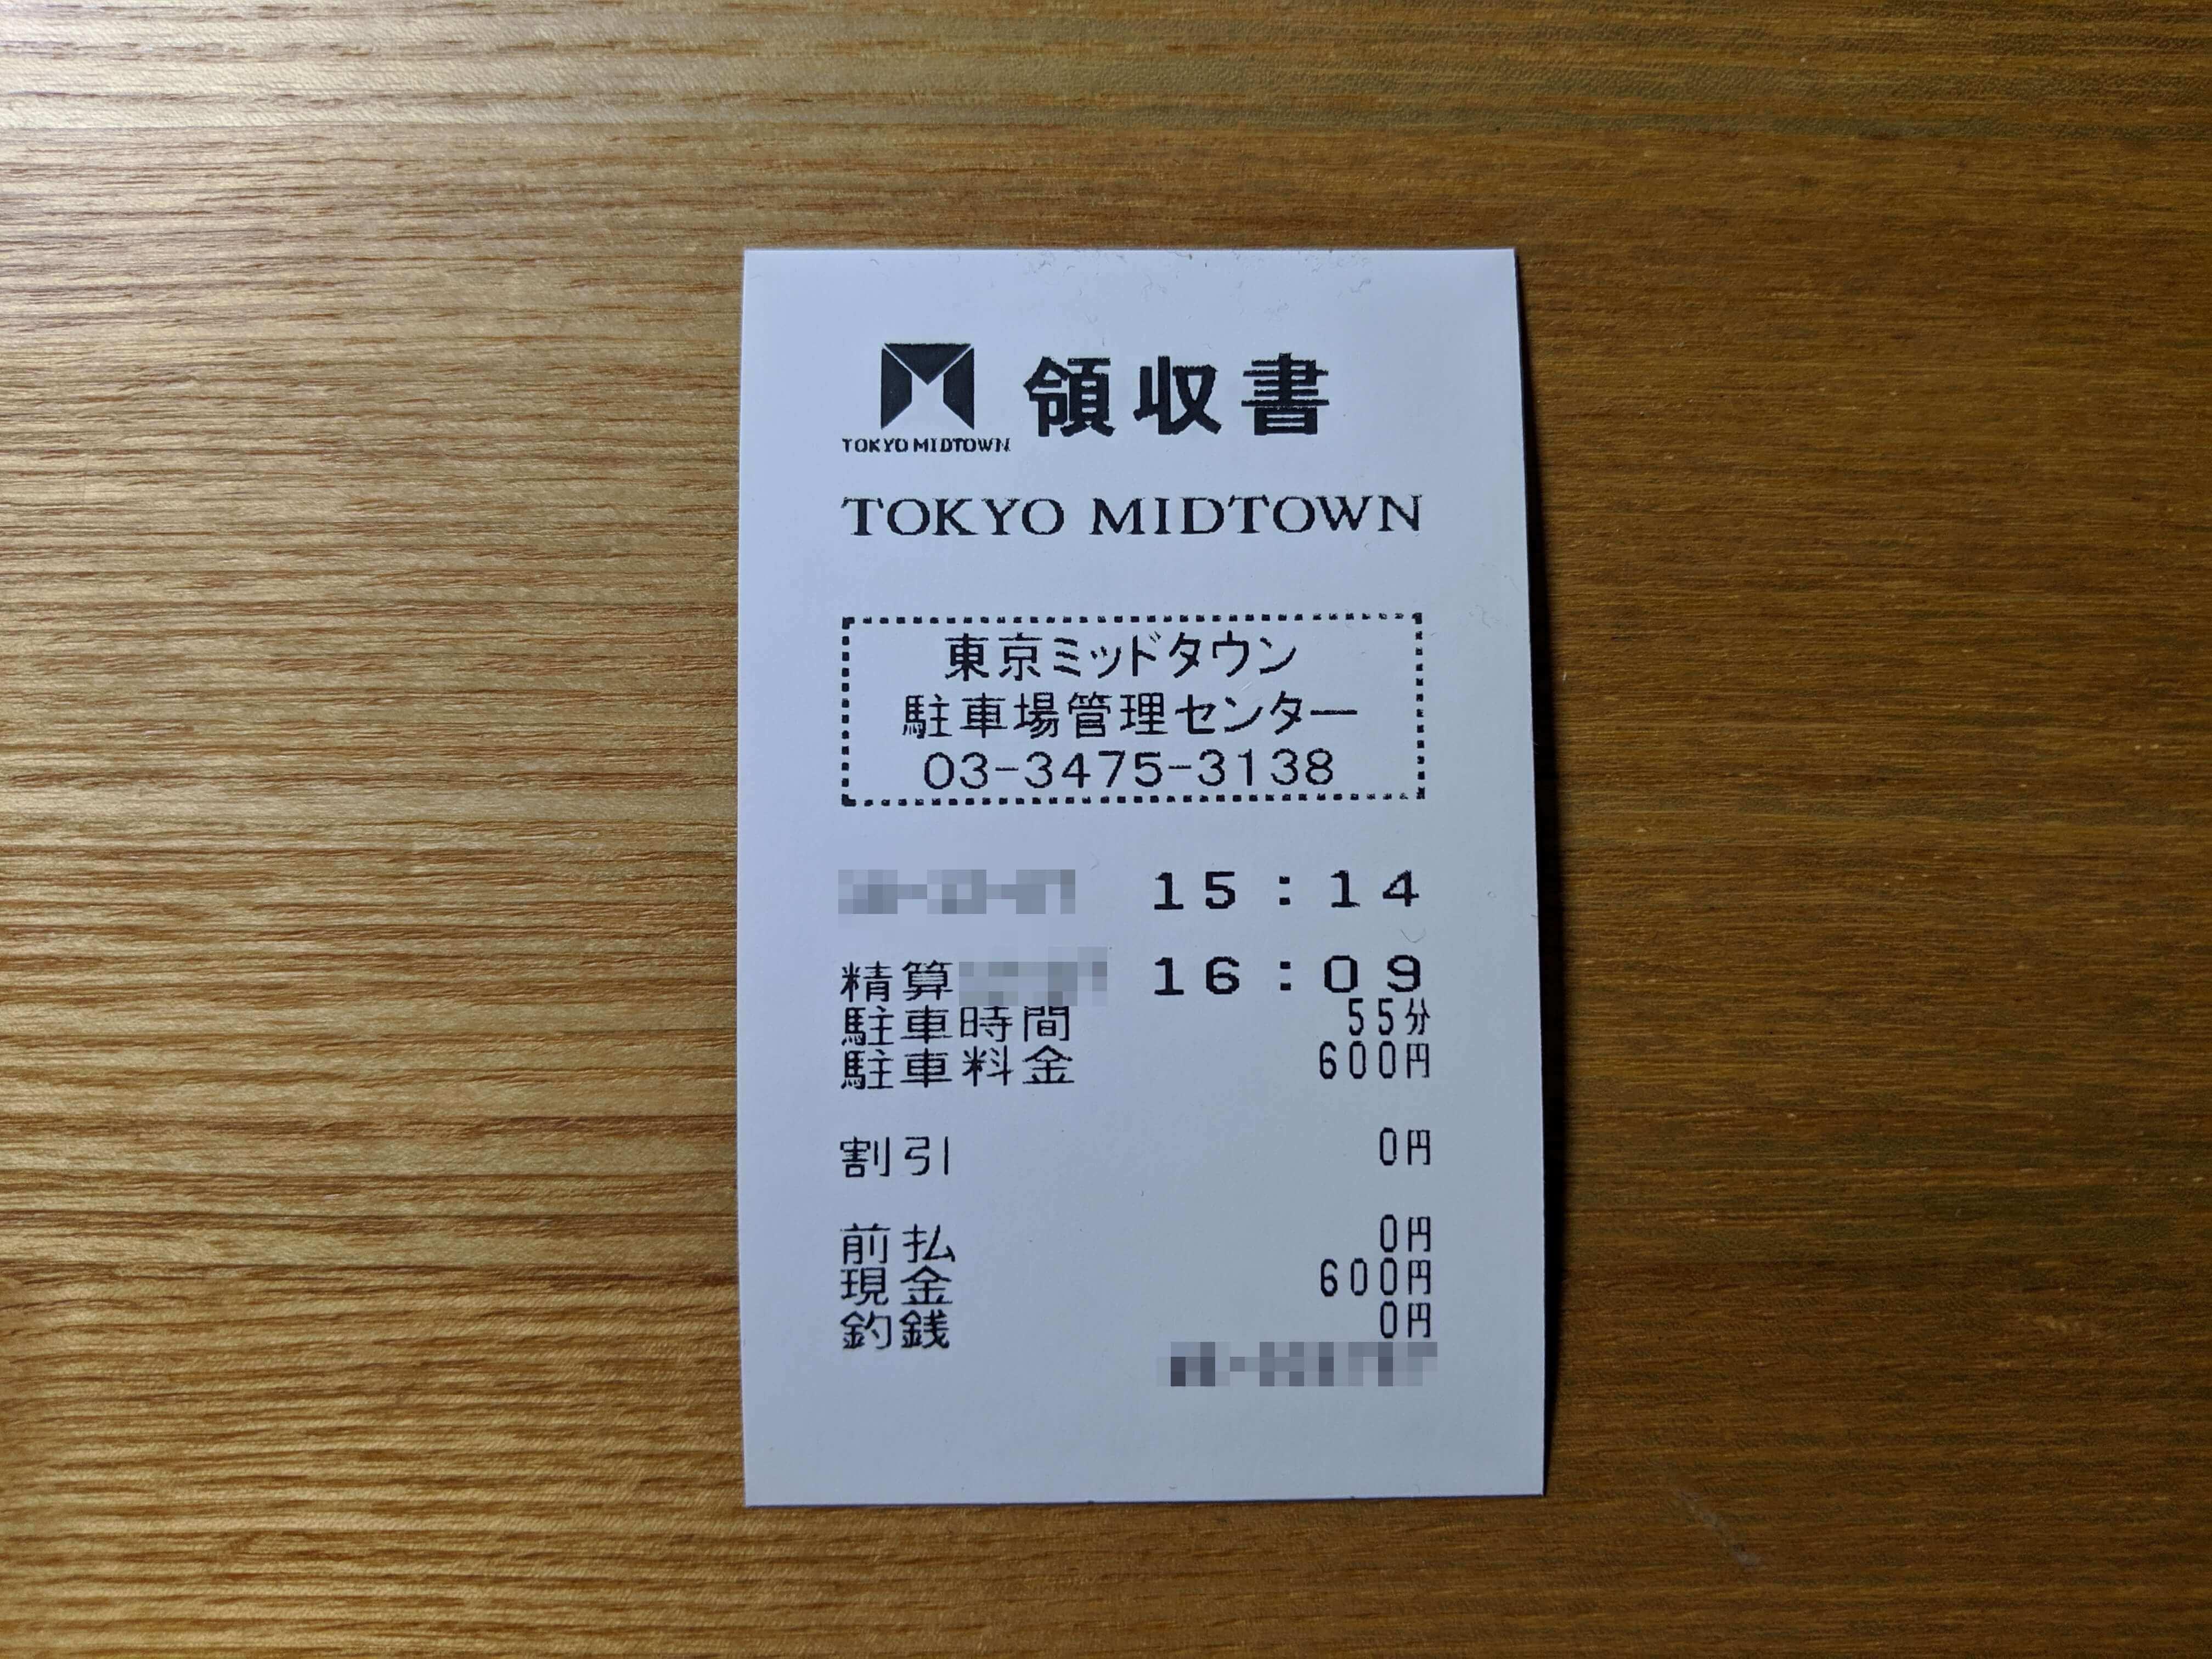 東京ミッドタウンは駐輪料金が発生する